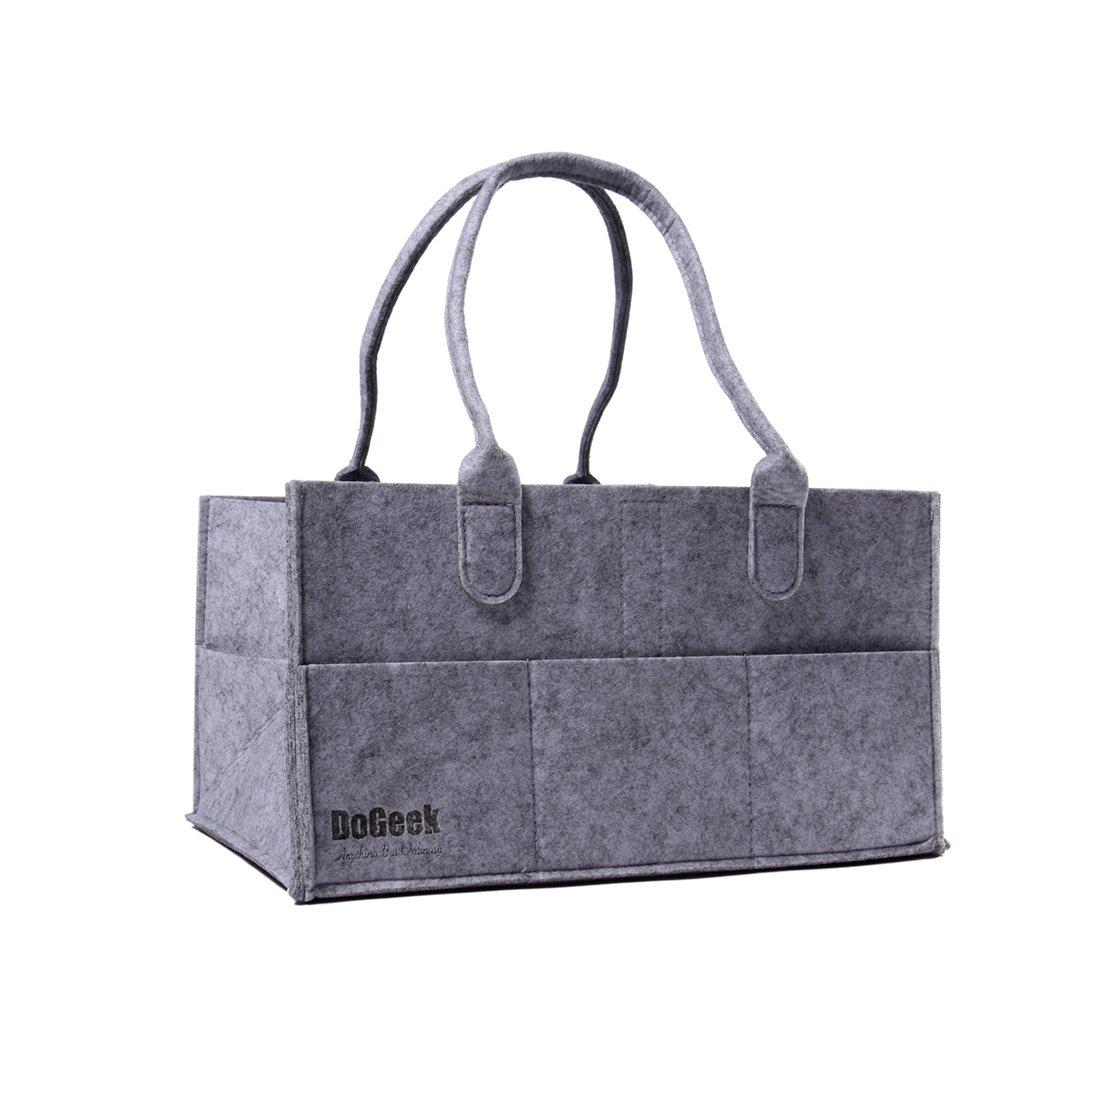 DoGeek Wickeltasche Baby Windel Caddy Tasche Multifunktionale Aufbewahrungskorb Baby Windel Tasche Aufbewahrungsbox DE-DG-diaper storage bag-grey